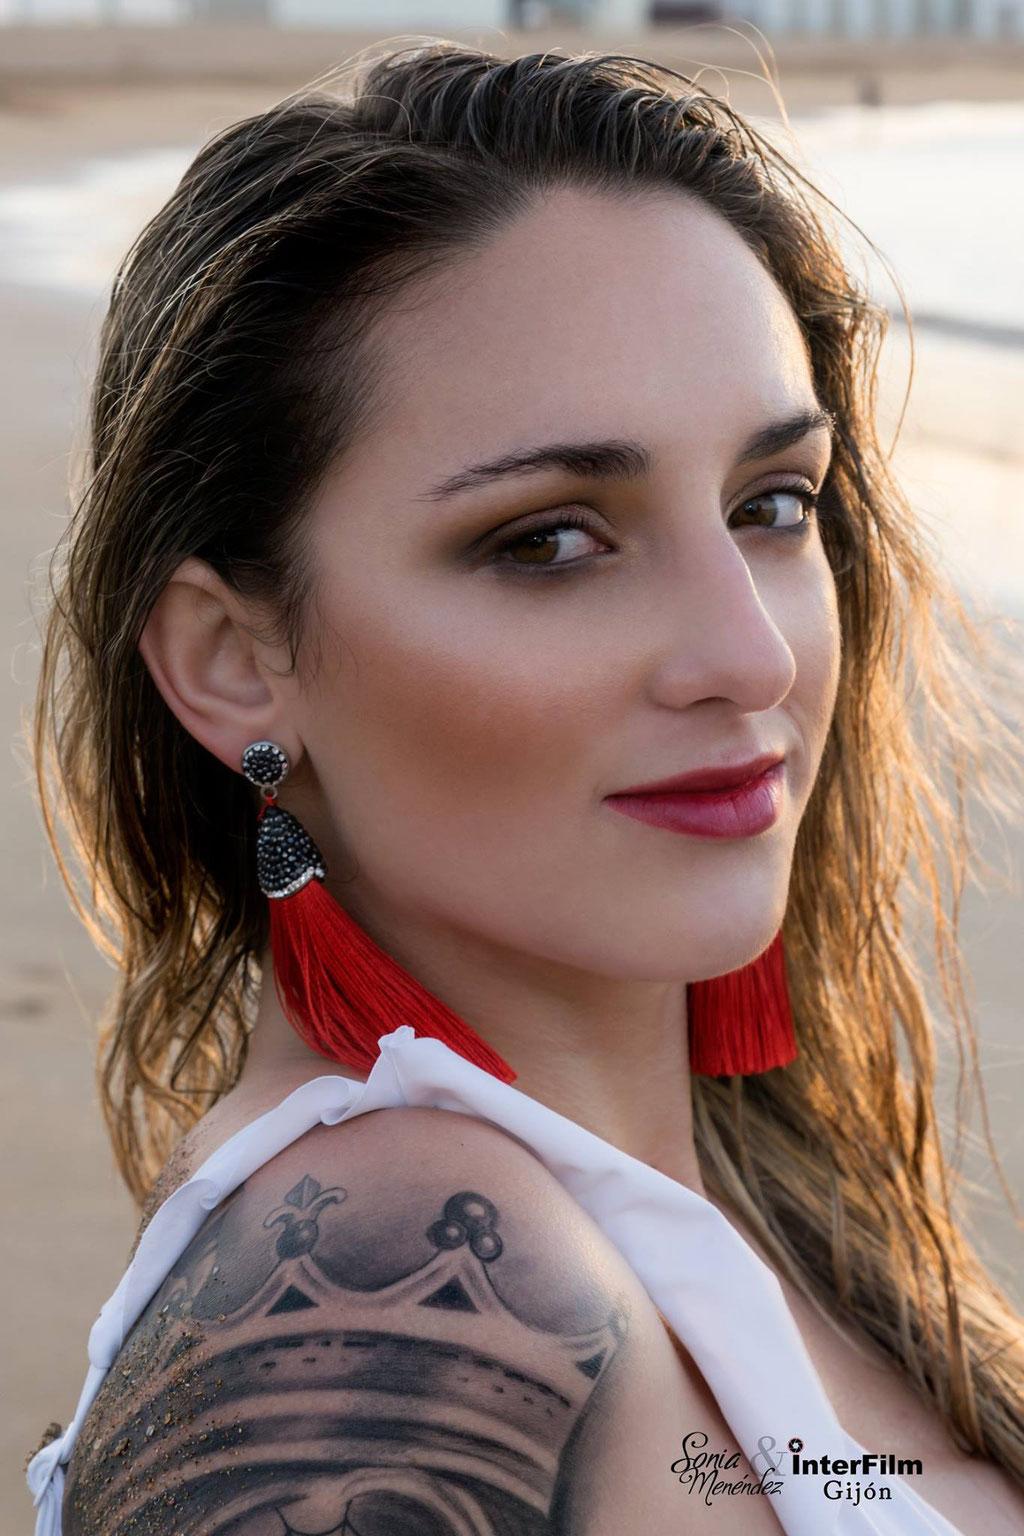 Fotógrafo Sonia Menendez & Interfilm Gijon